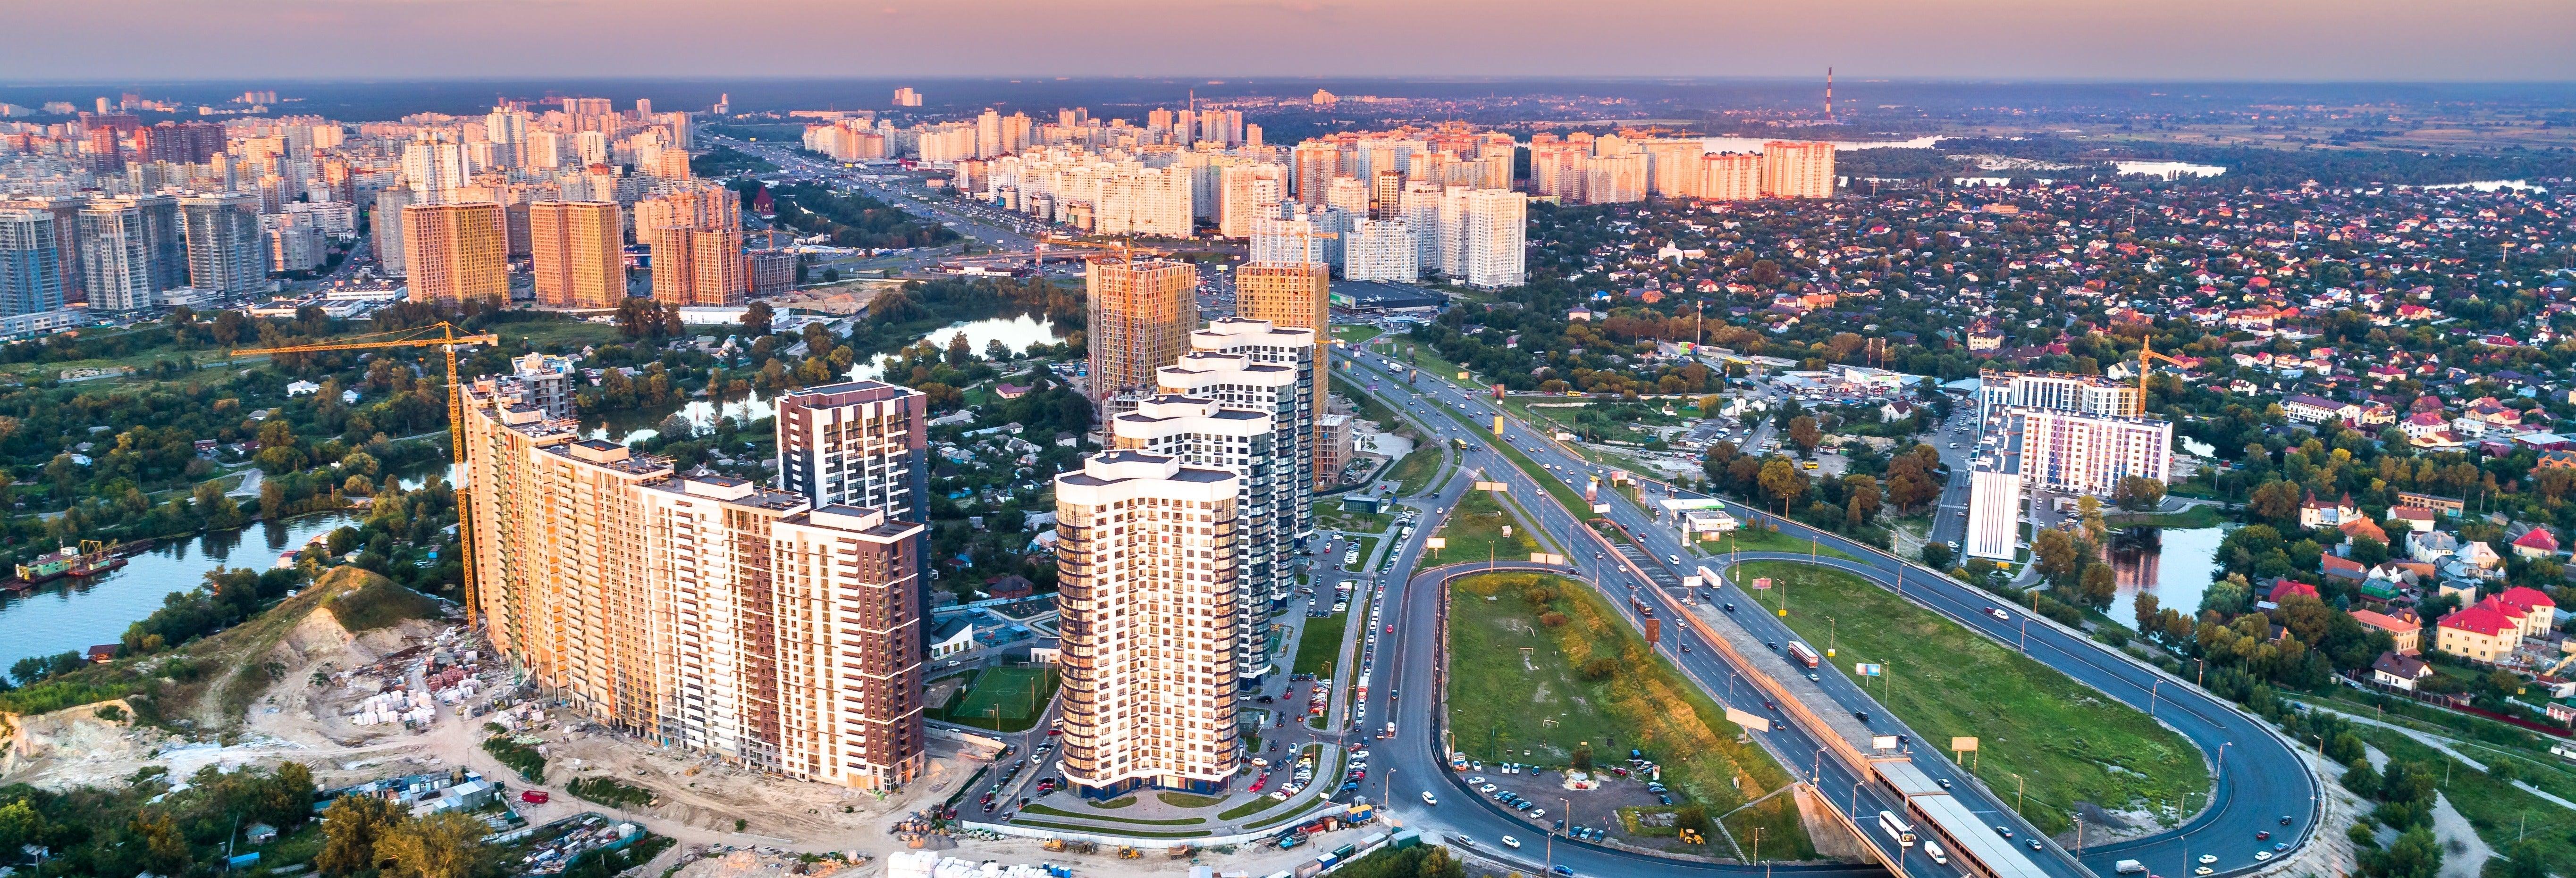 Visita guiada pelo metrô de Kiev